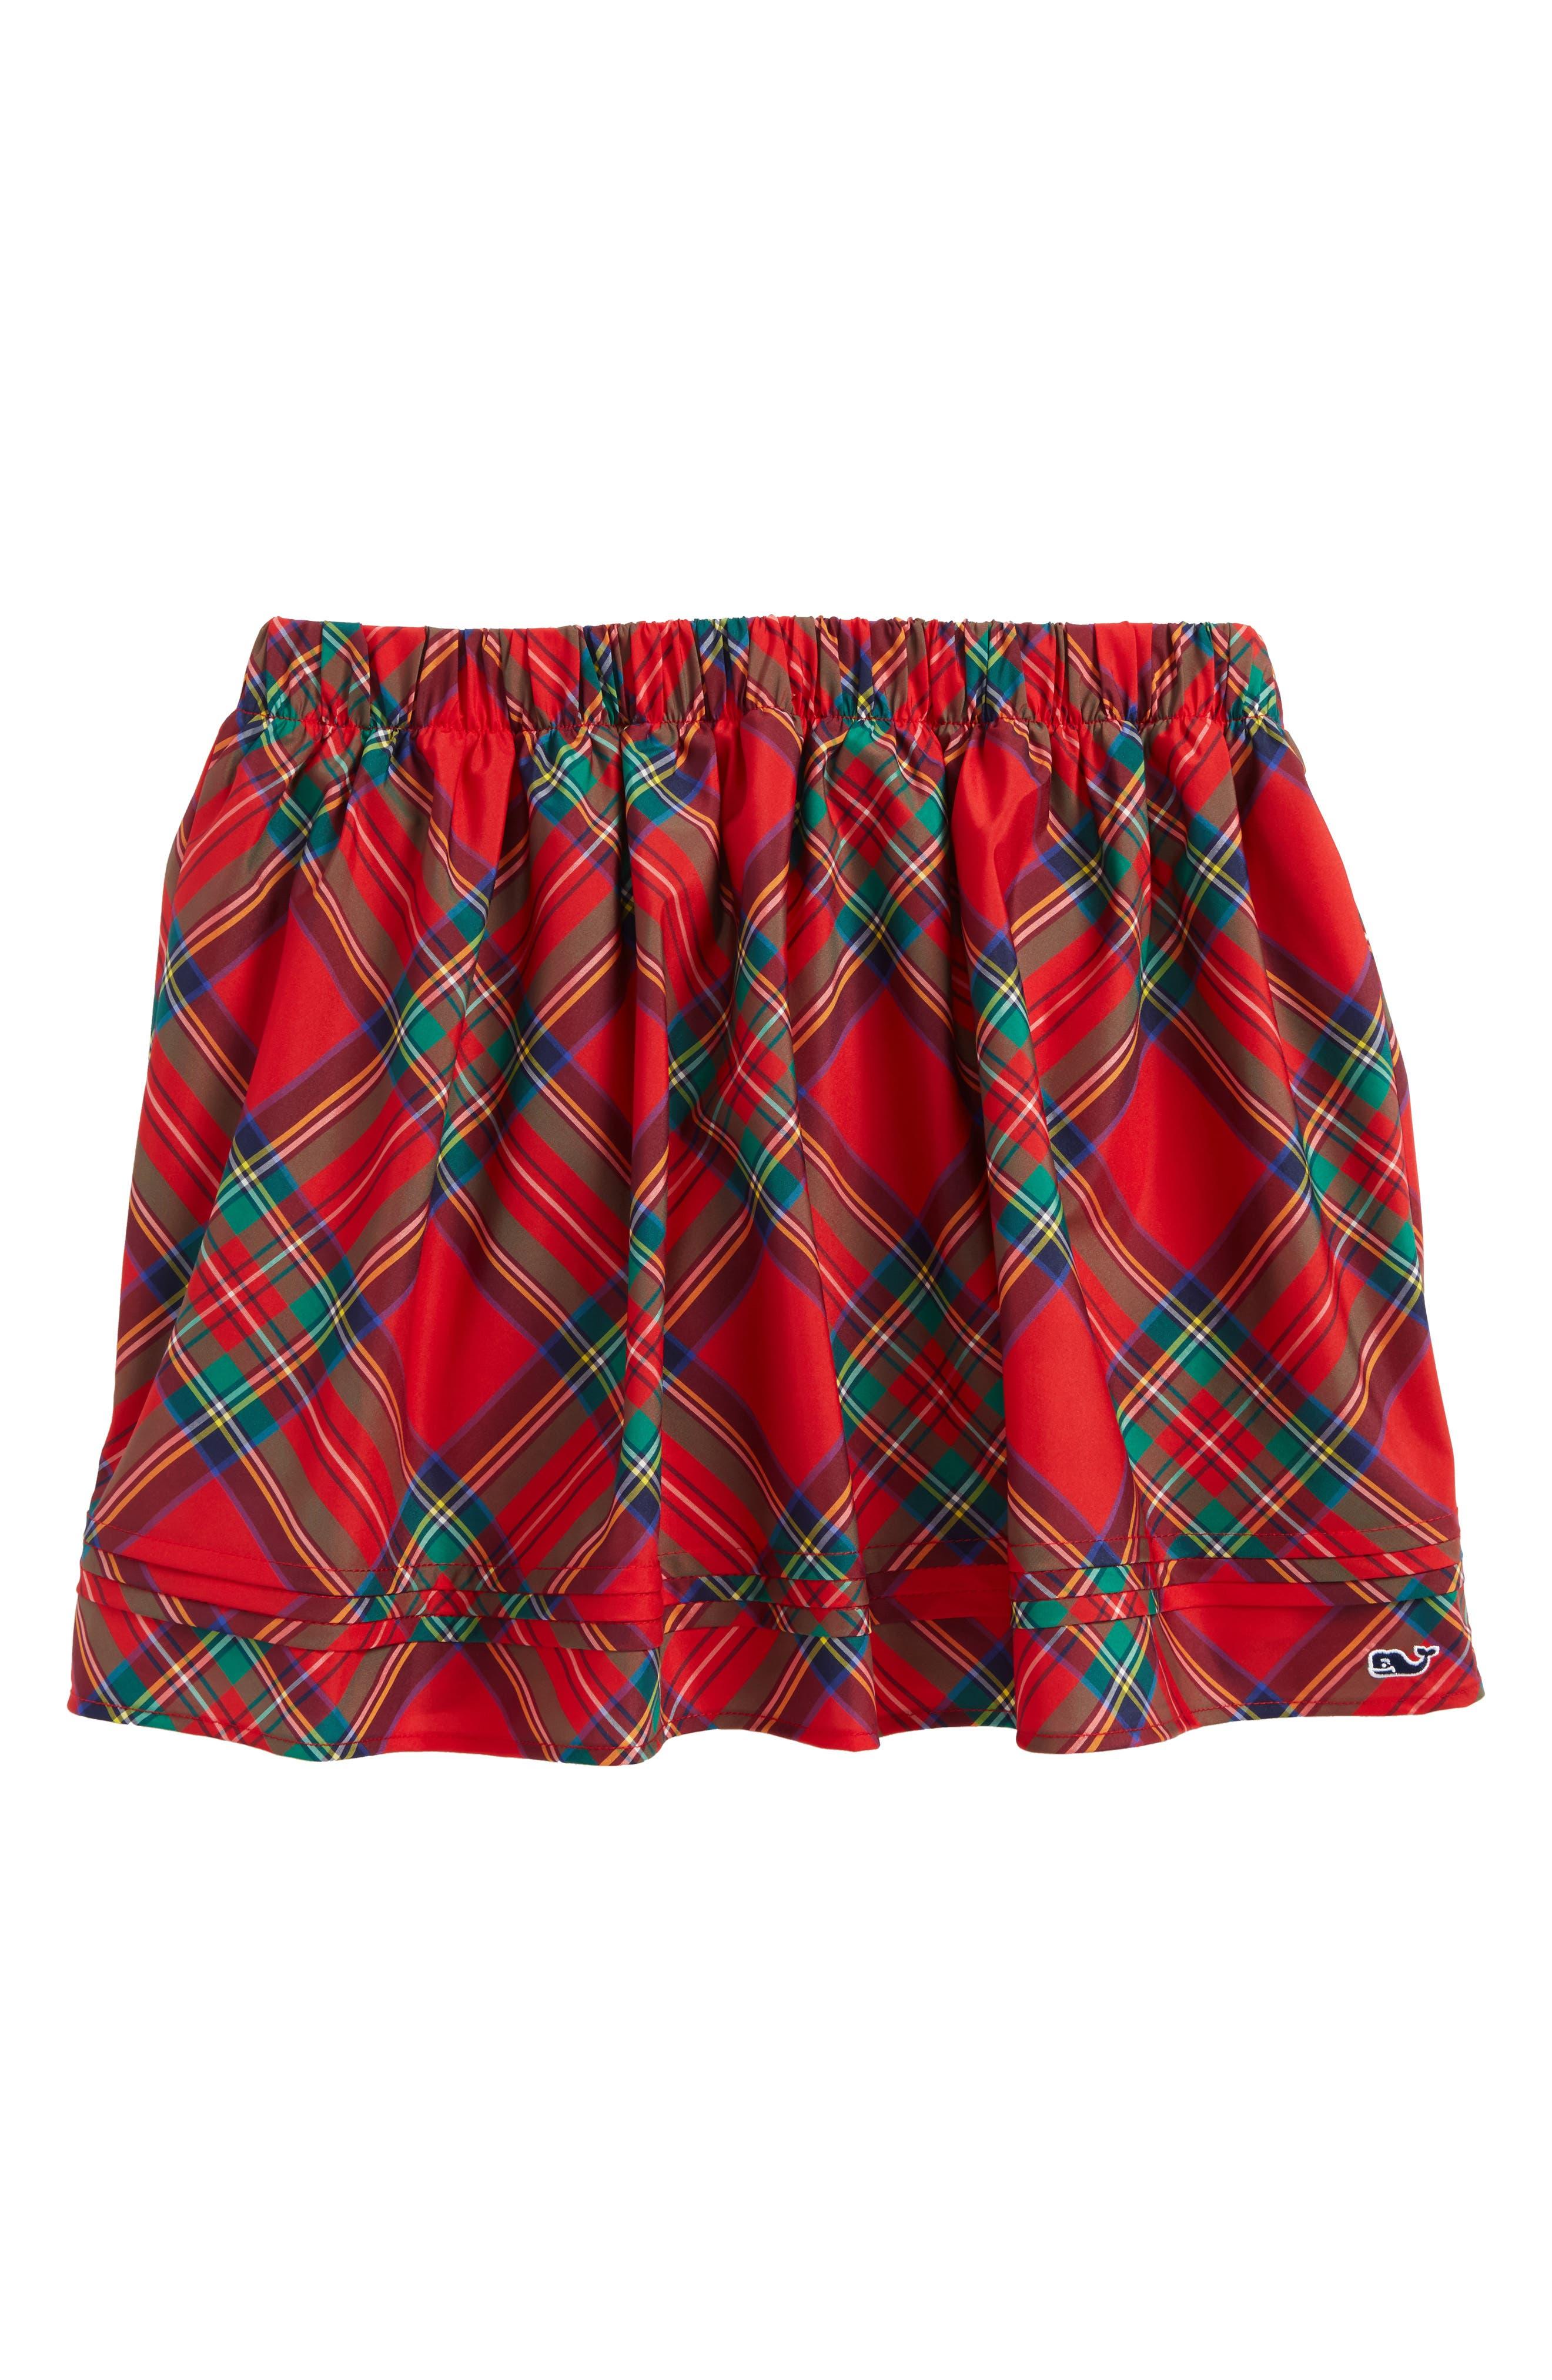 Jolly Plaid Holiday Skirt,                             Main thumbnail 1, color,                             634